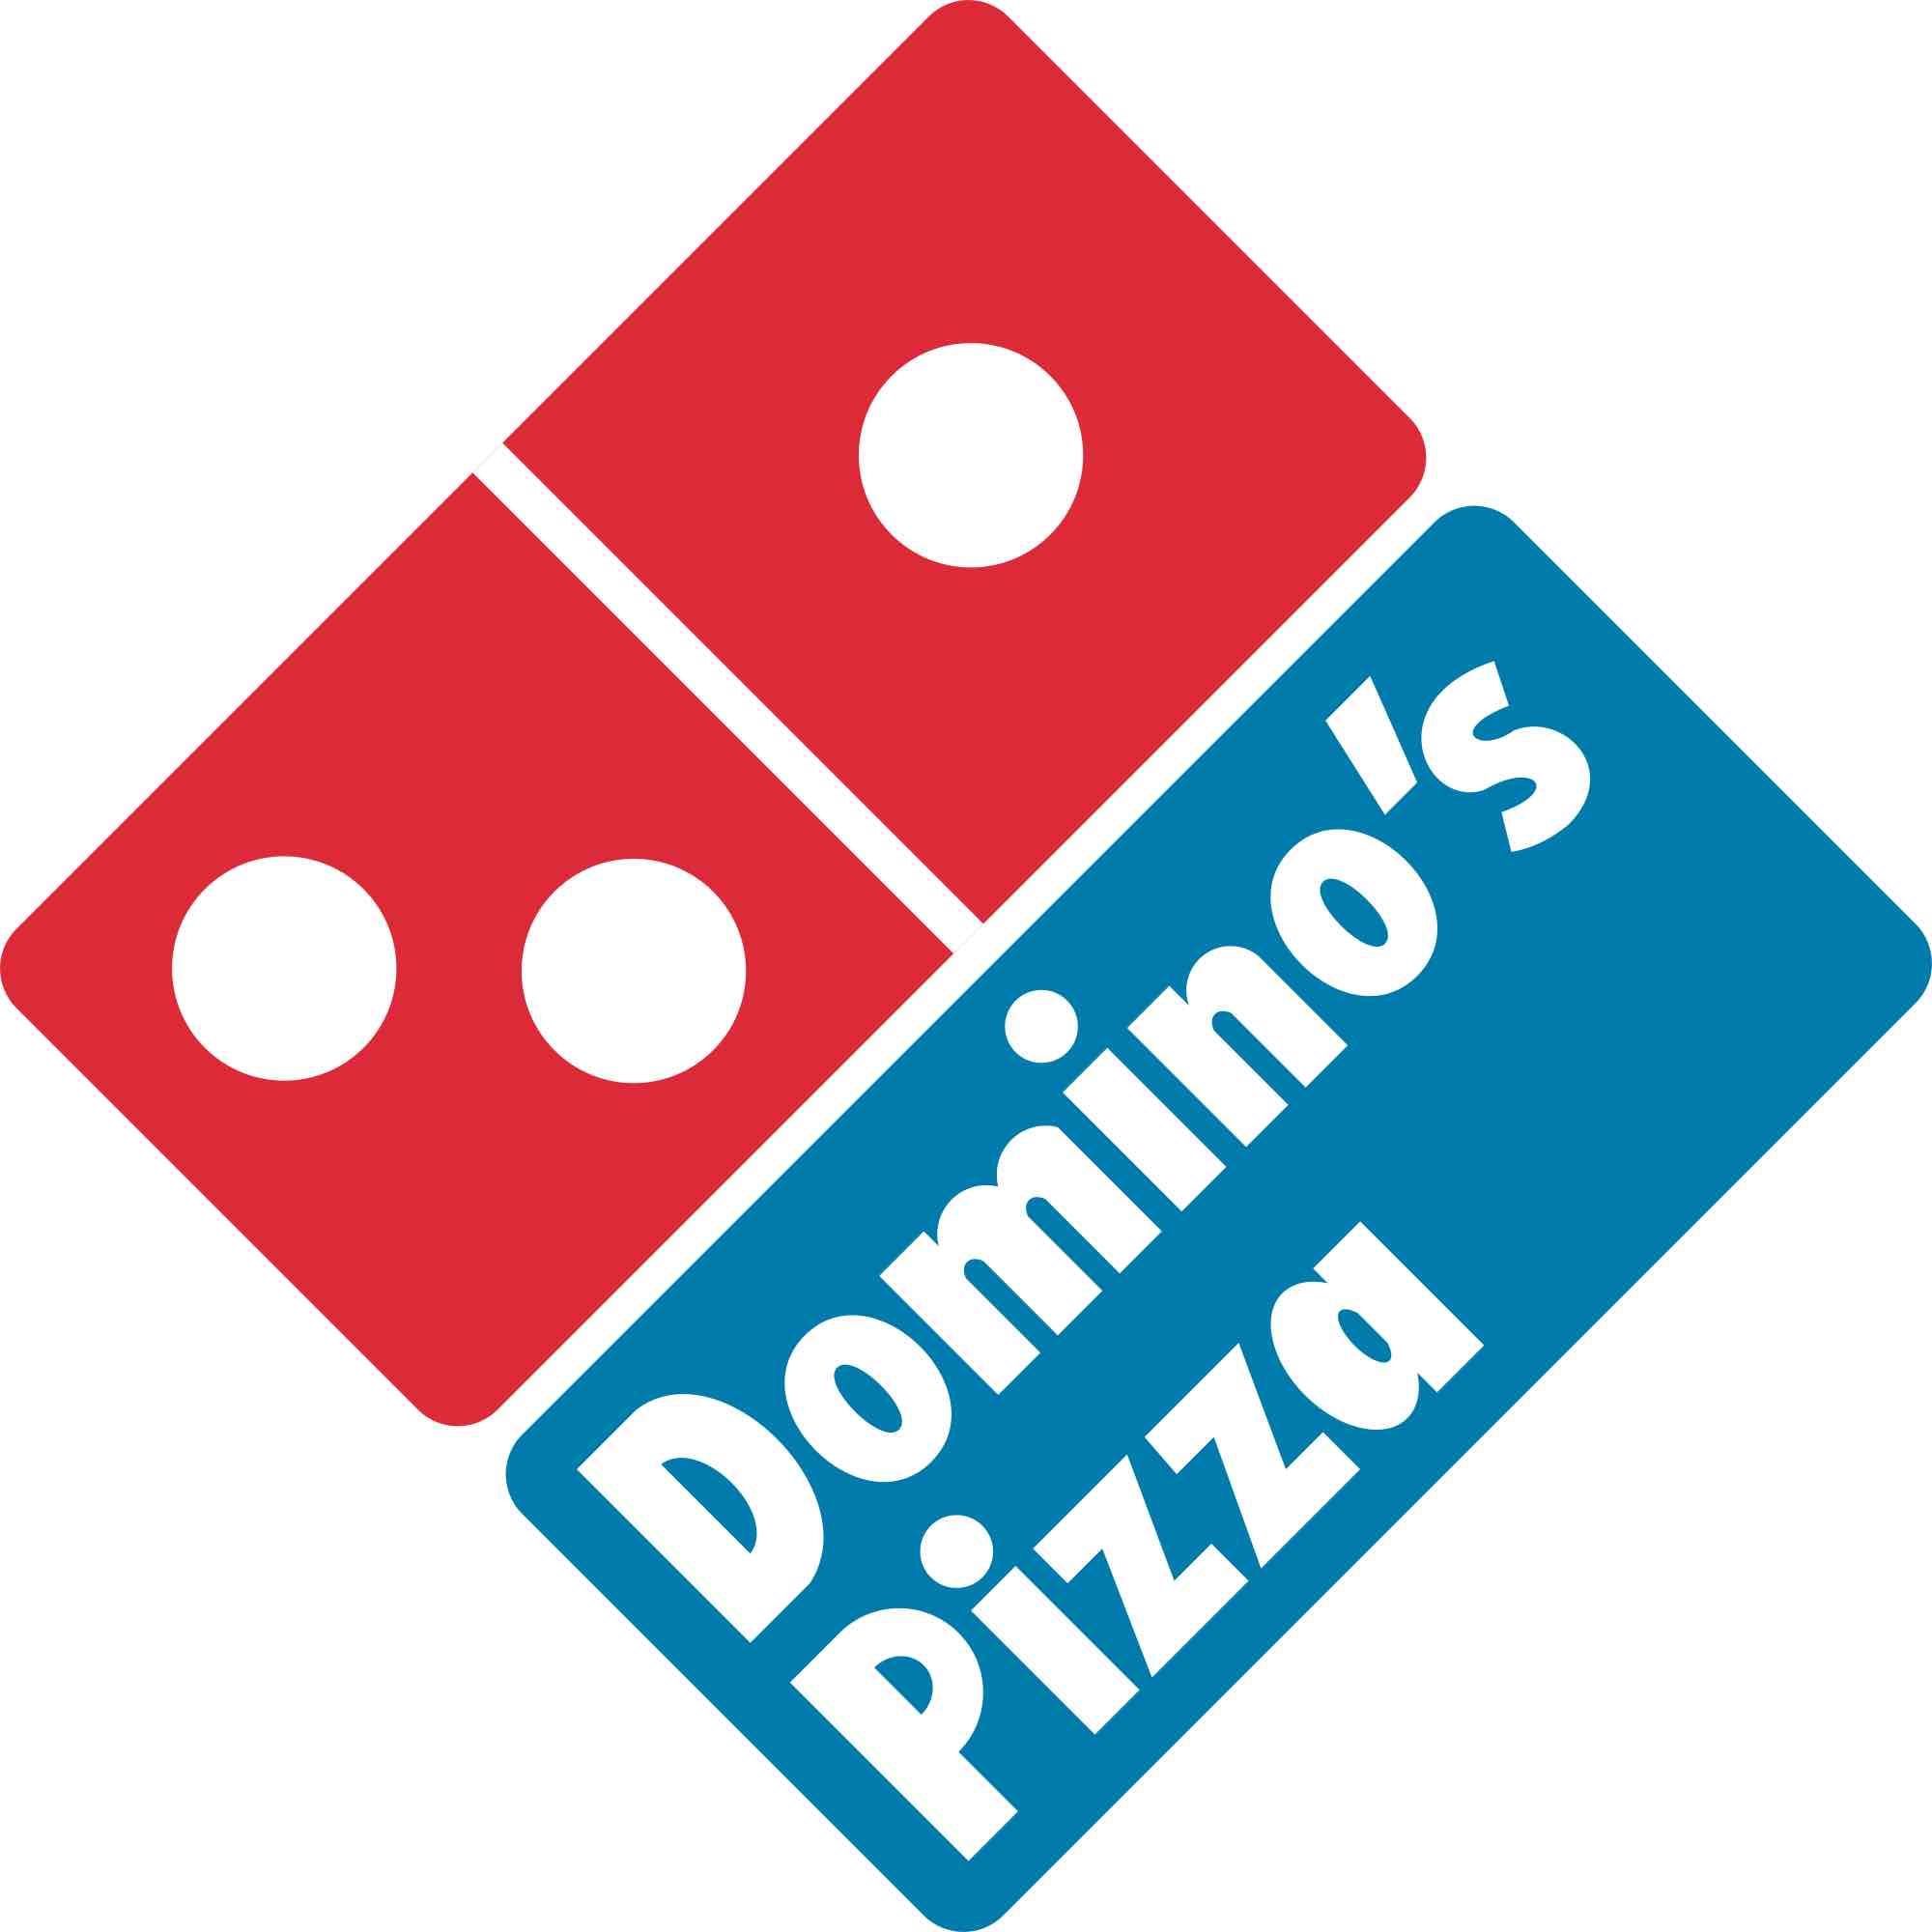 domino's 2e gratis GRONINGEN